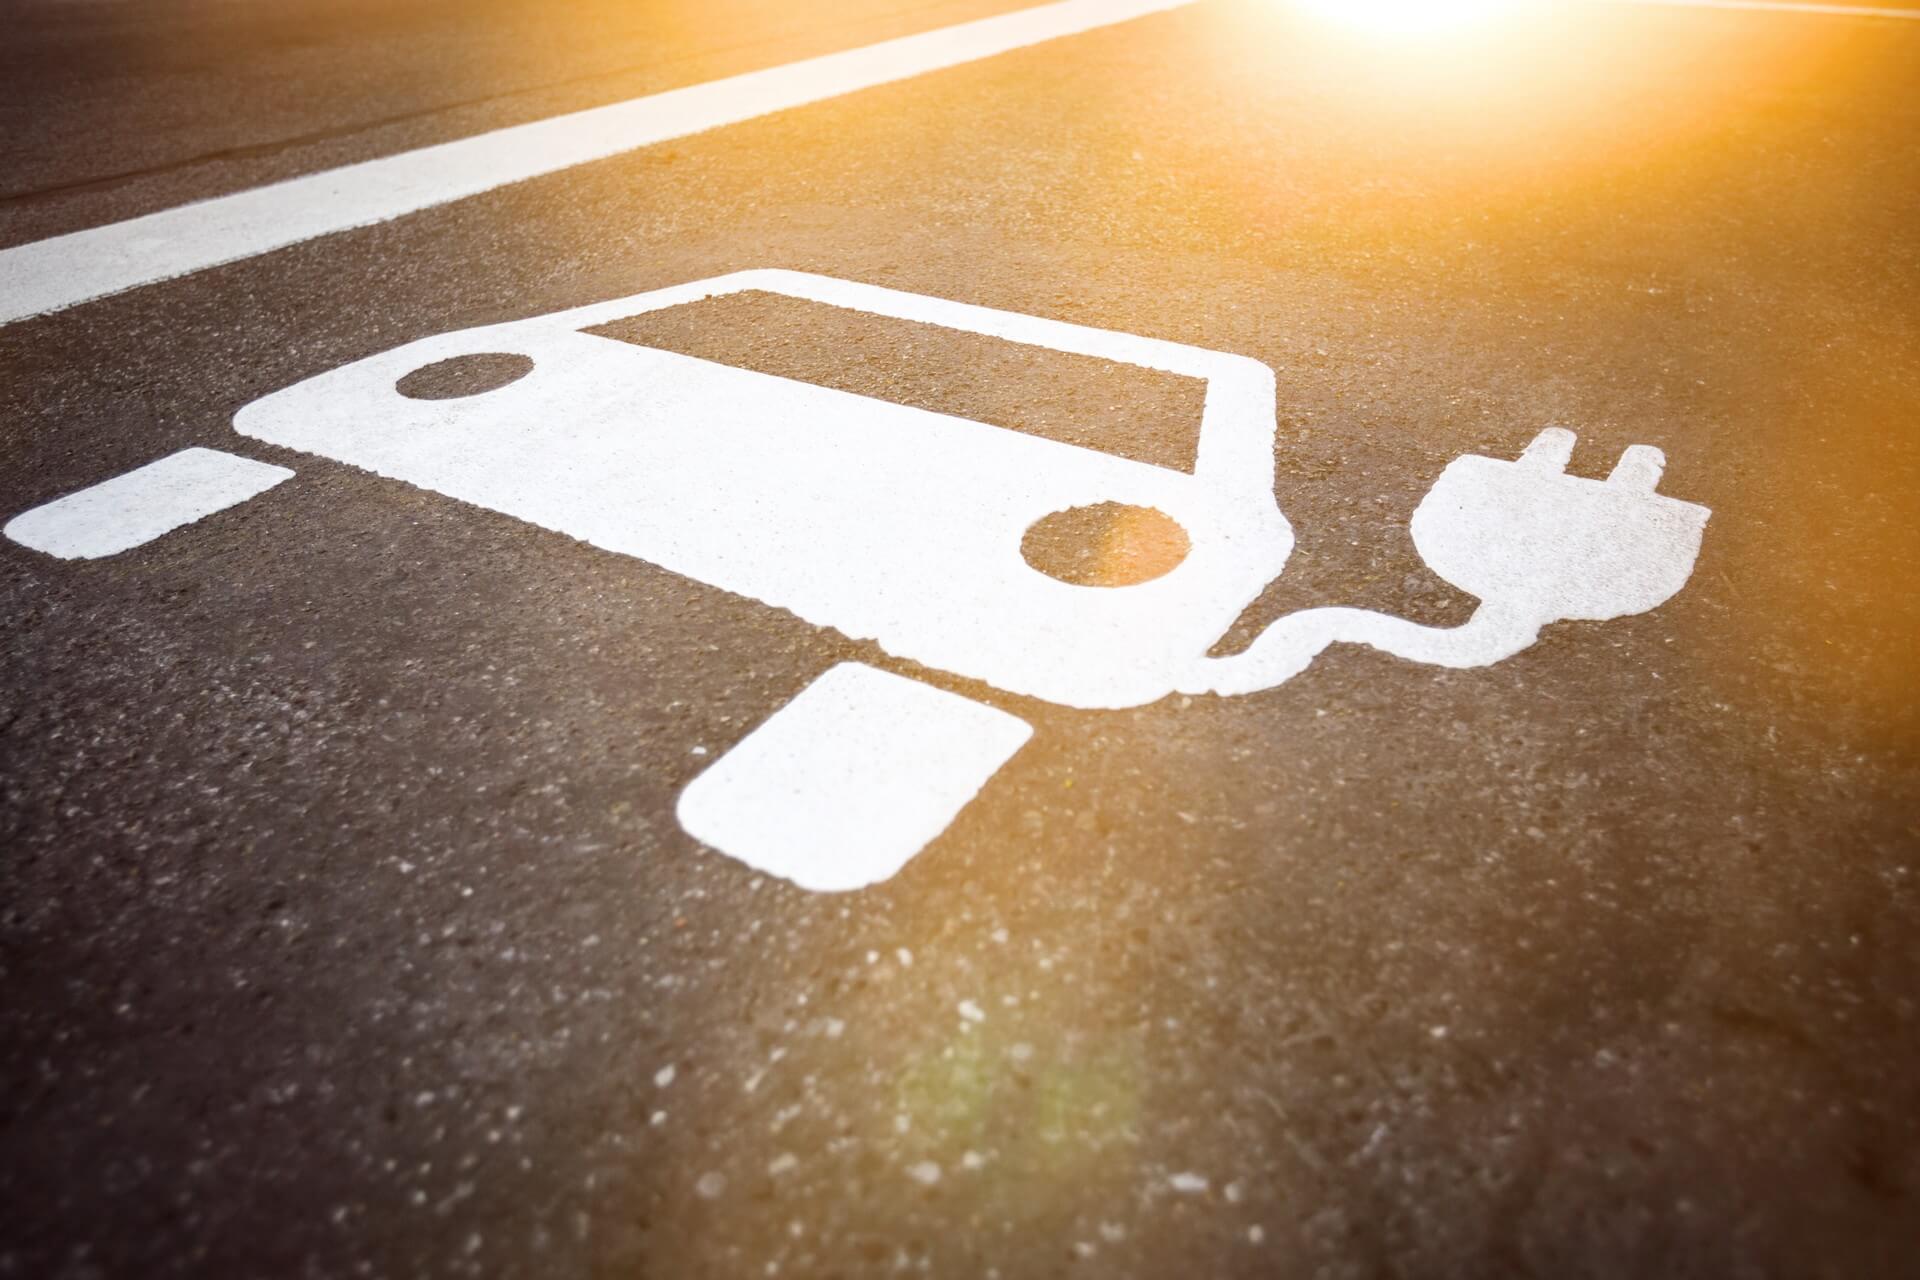 Trajnostna mobilnost: ljudje si jo želimo, kaj pa Načrt za okrevanje?